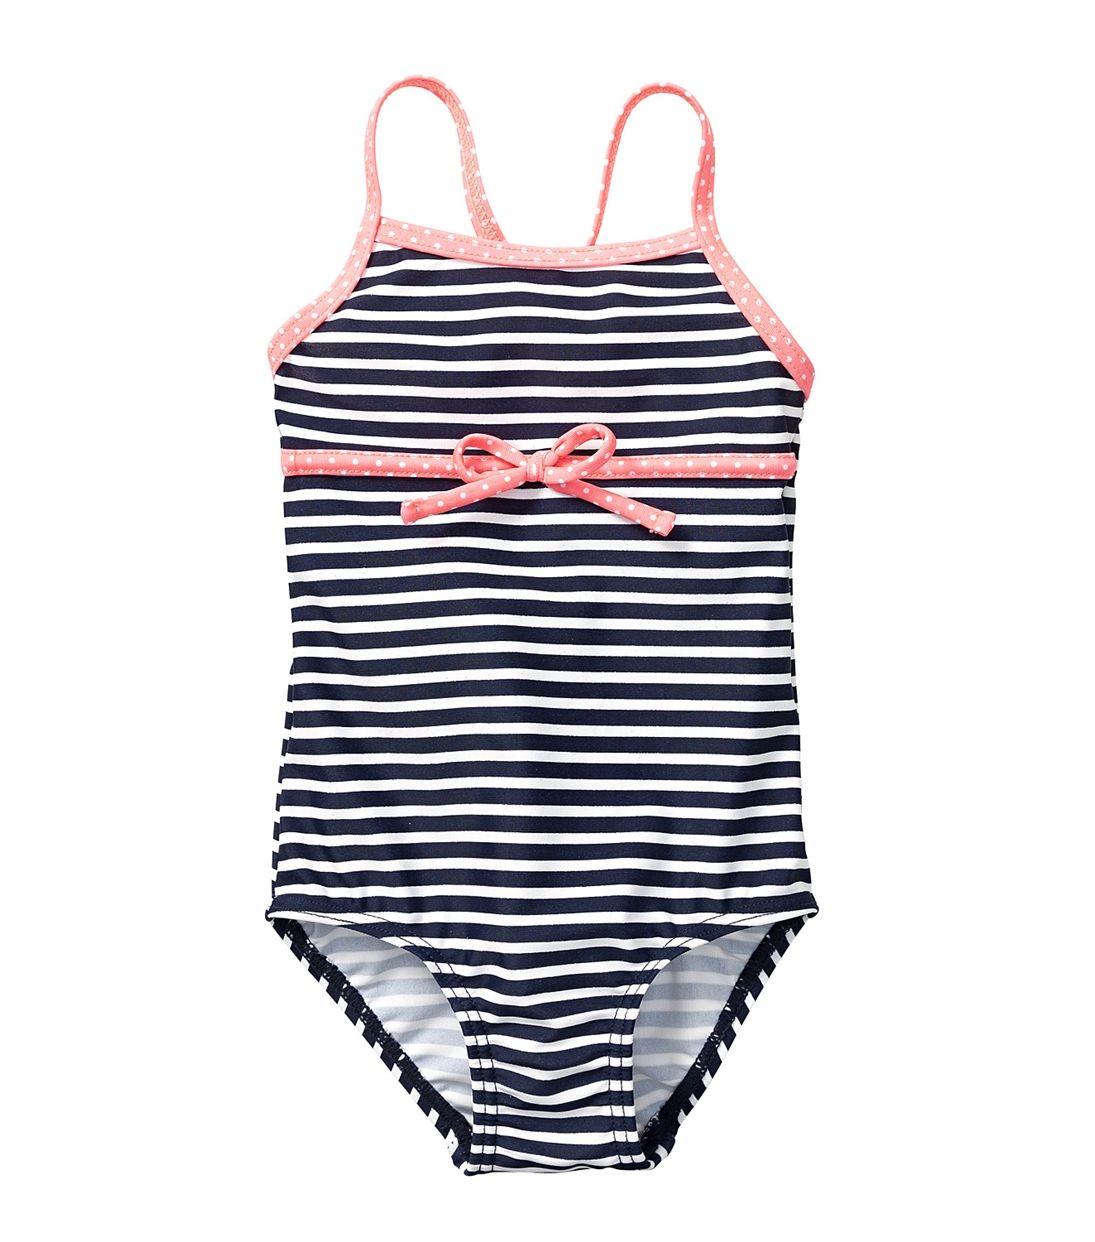 fa48f98525927c baby meisjes badpak - HEMA | Baby cadeautjes inspiratie #2 - Meisjes ...